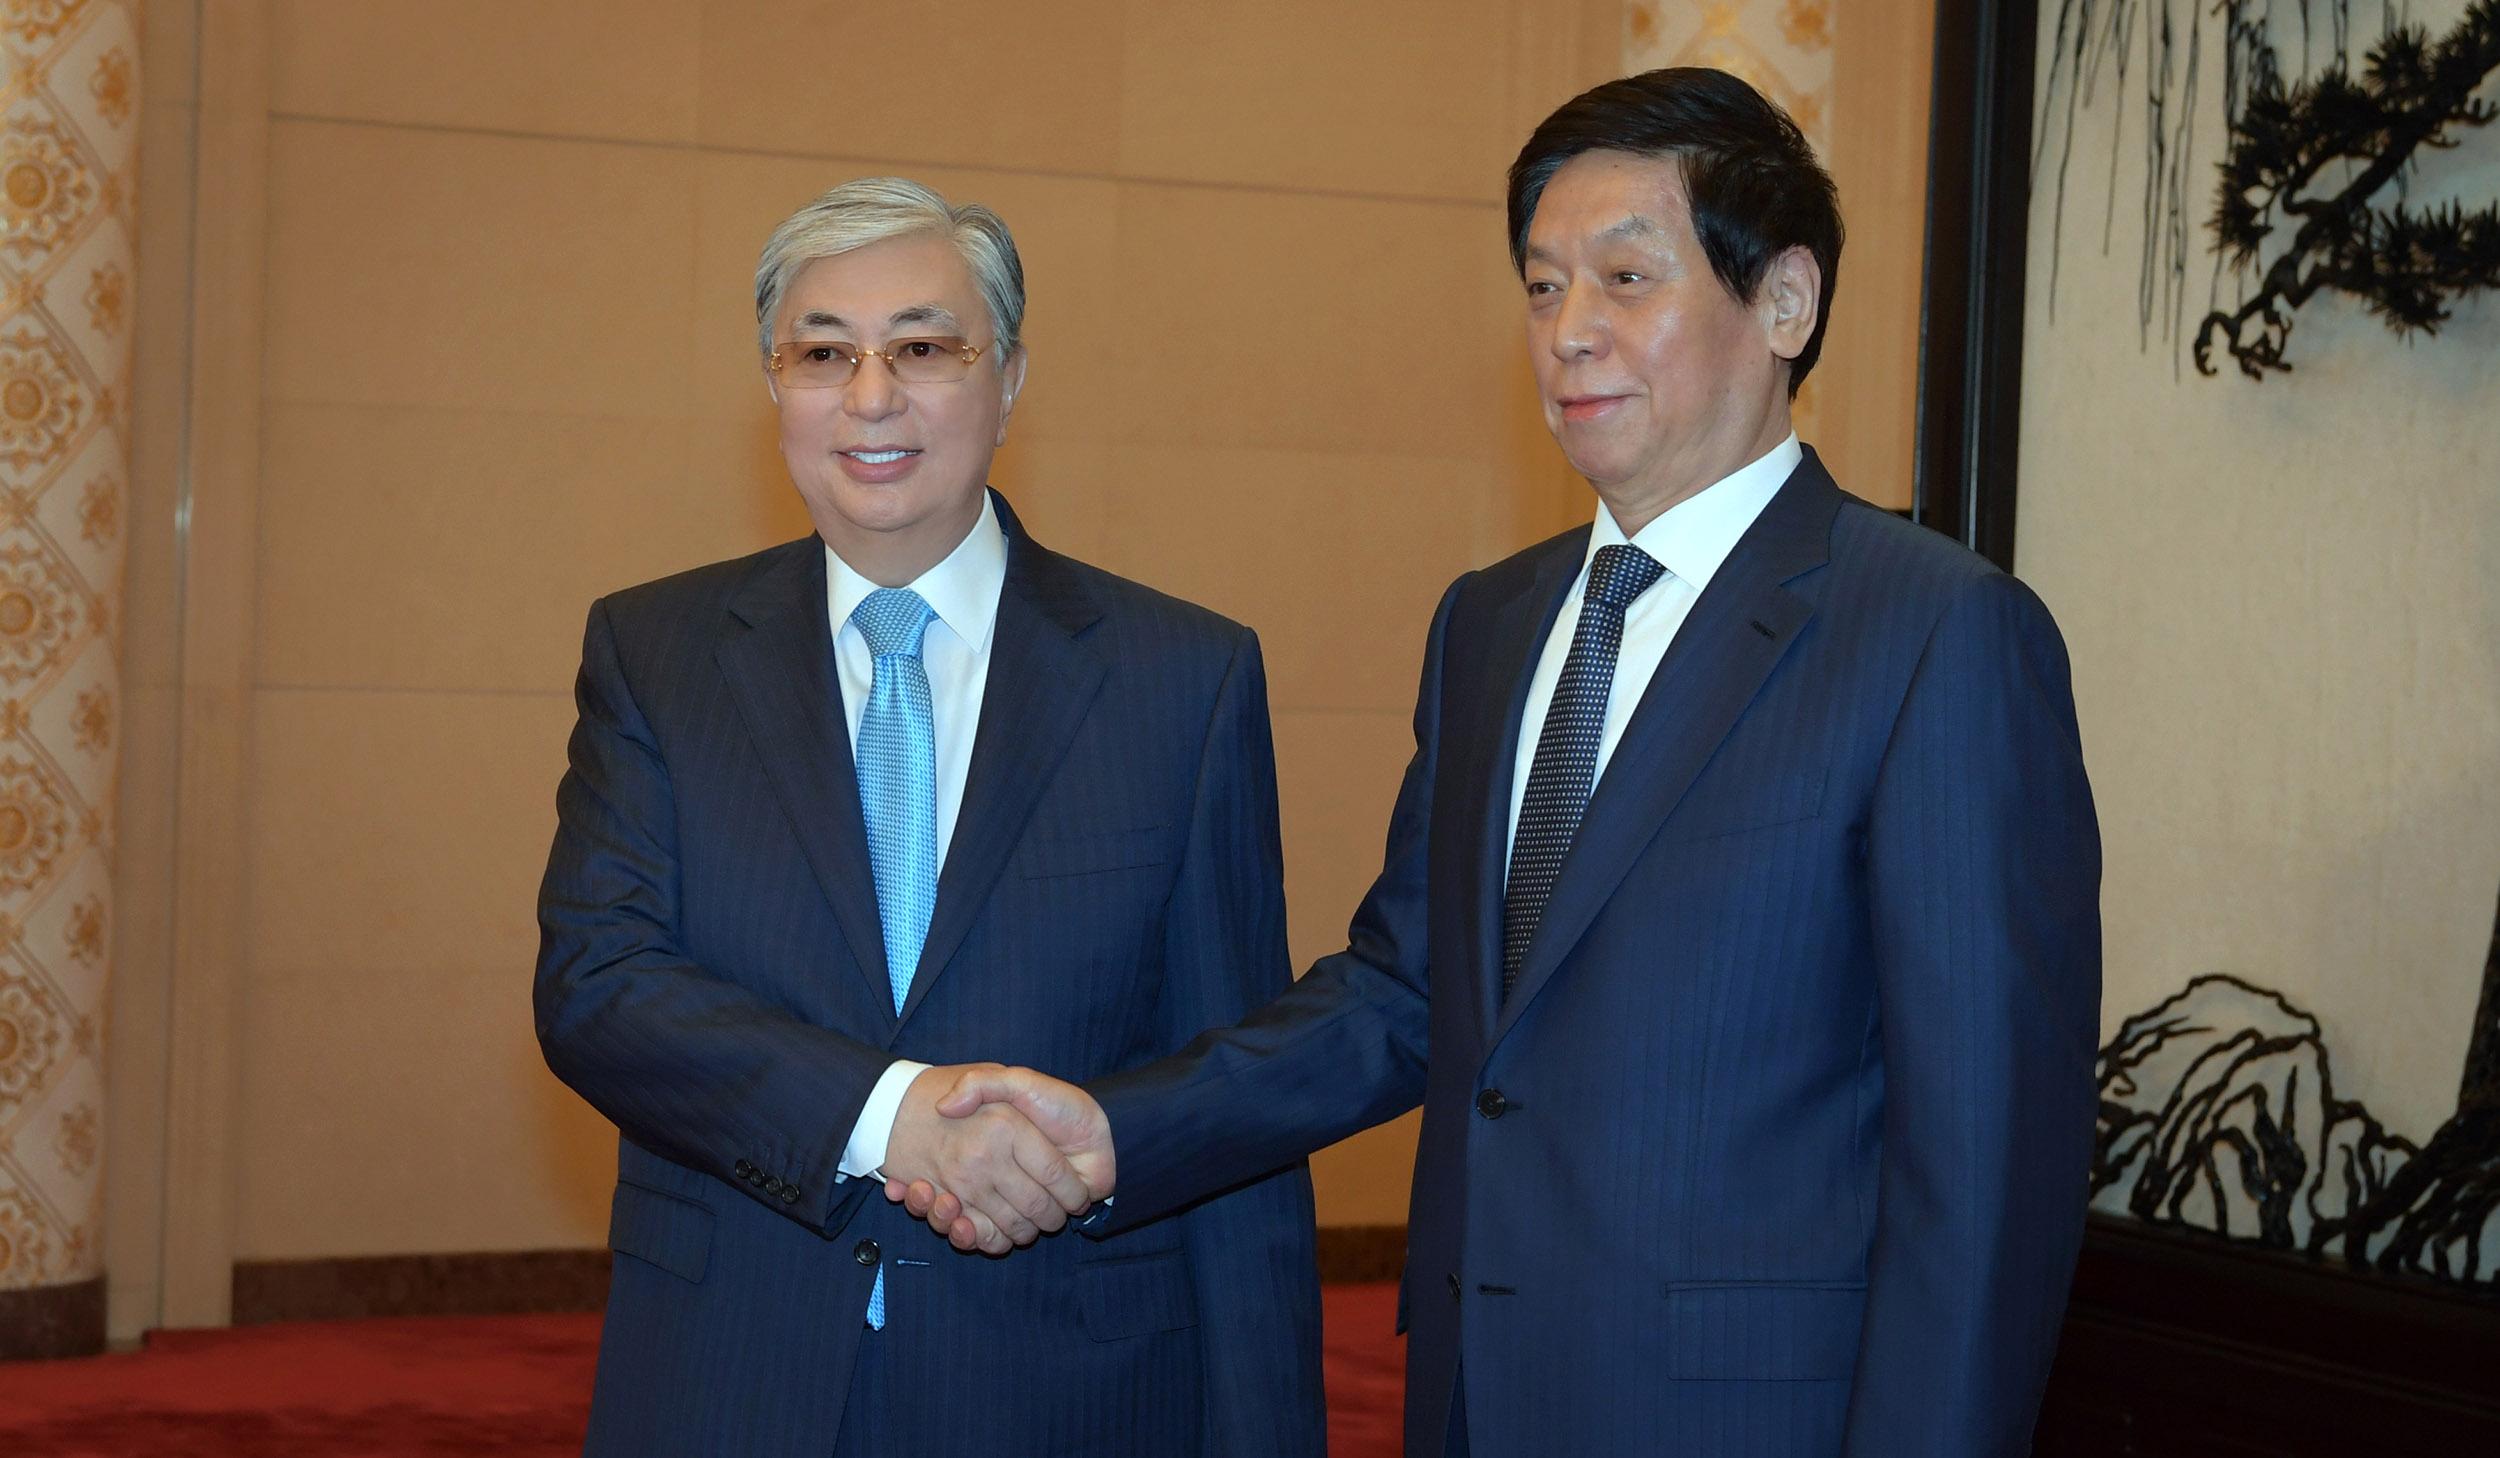 Қазақстан -Қытай қарым-қатынасы жаңа тарихи кезеңге өтті – Ли Чжаньшу